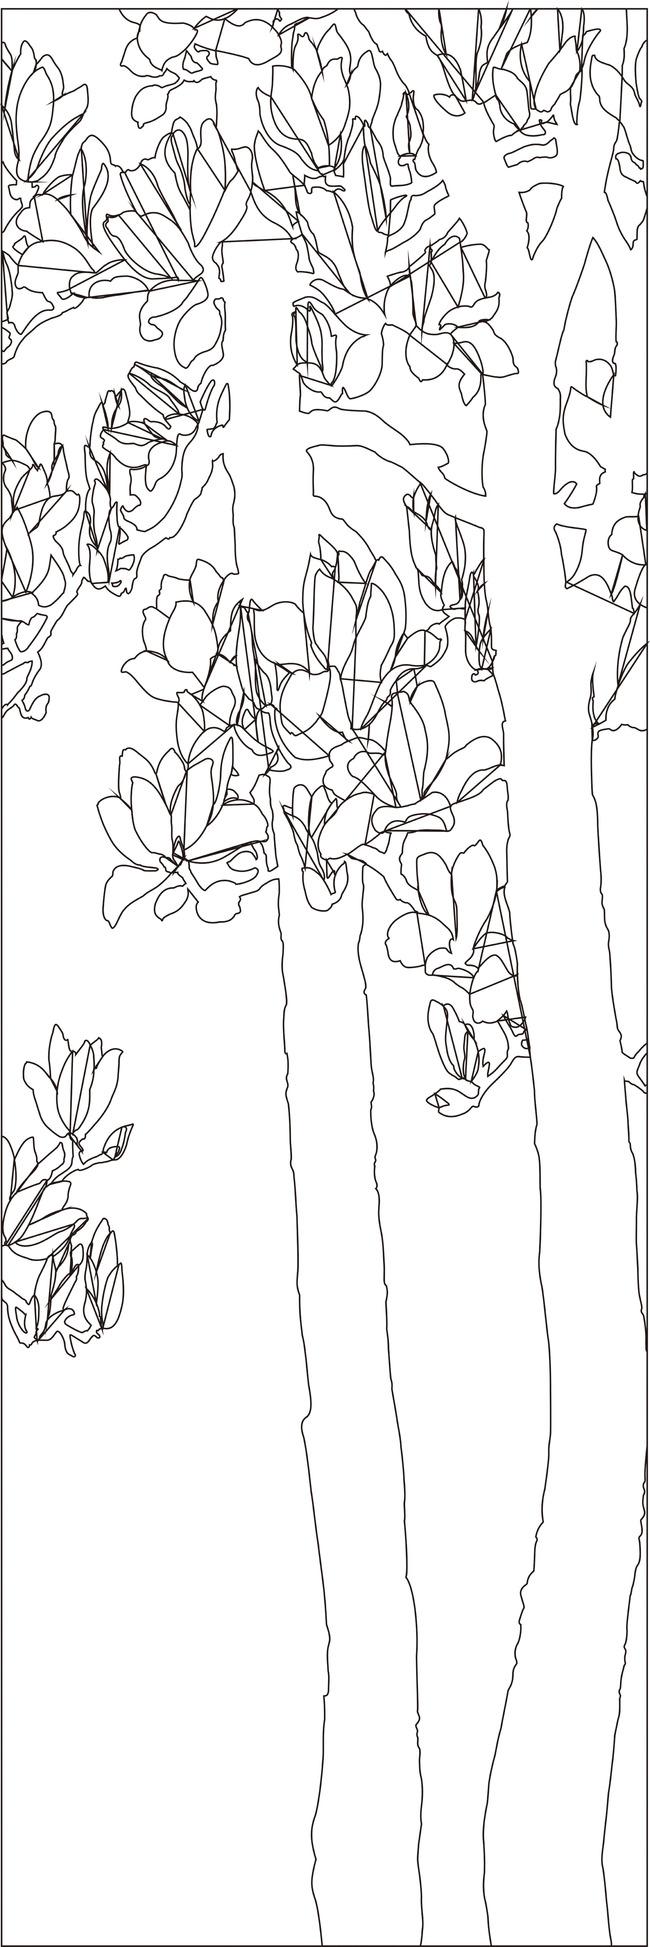 > 银杏树背景